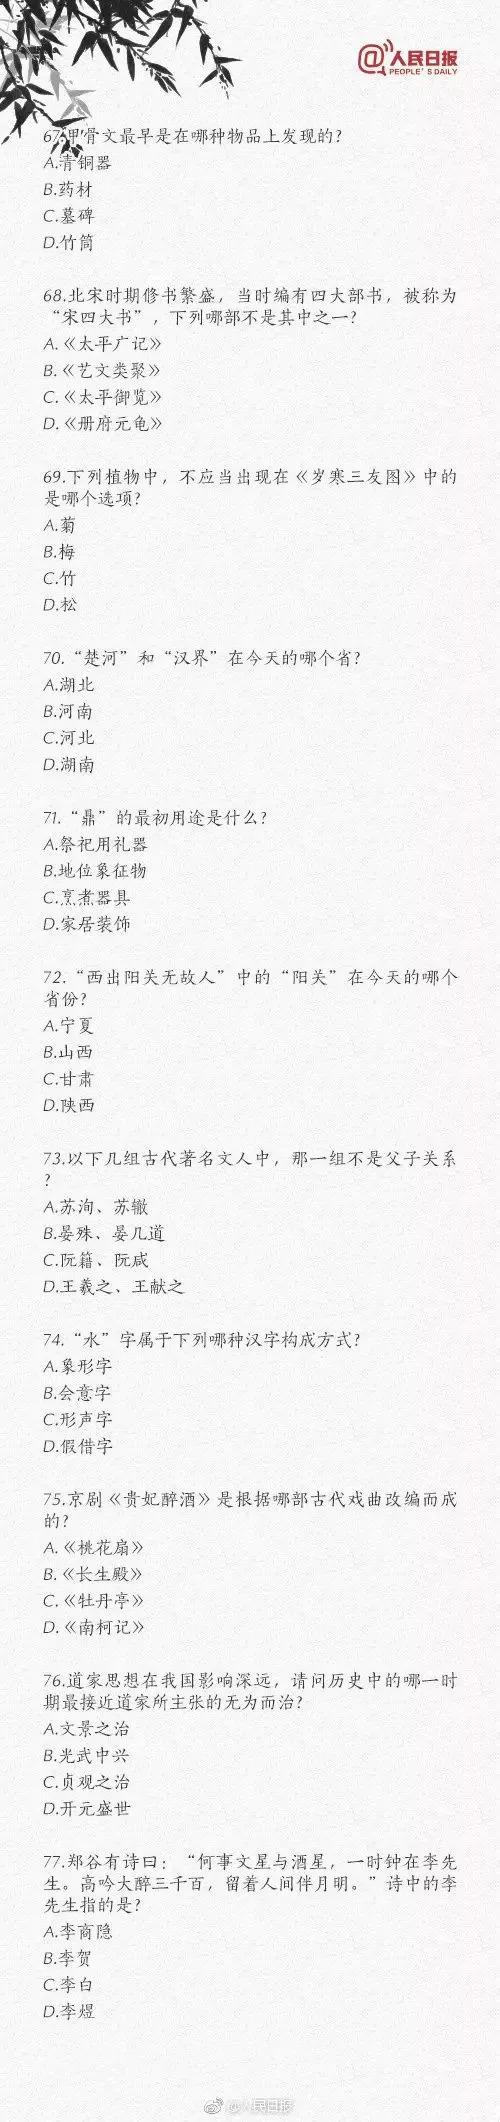 必赢娱乐官方网站 7